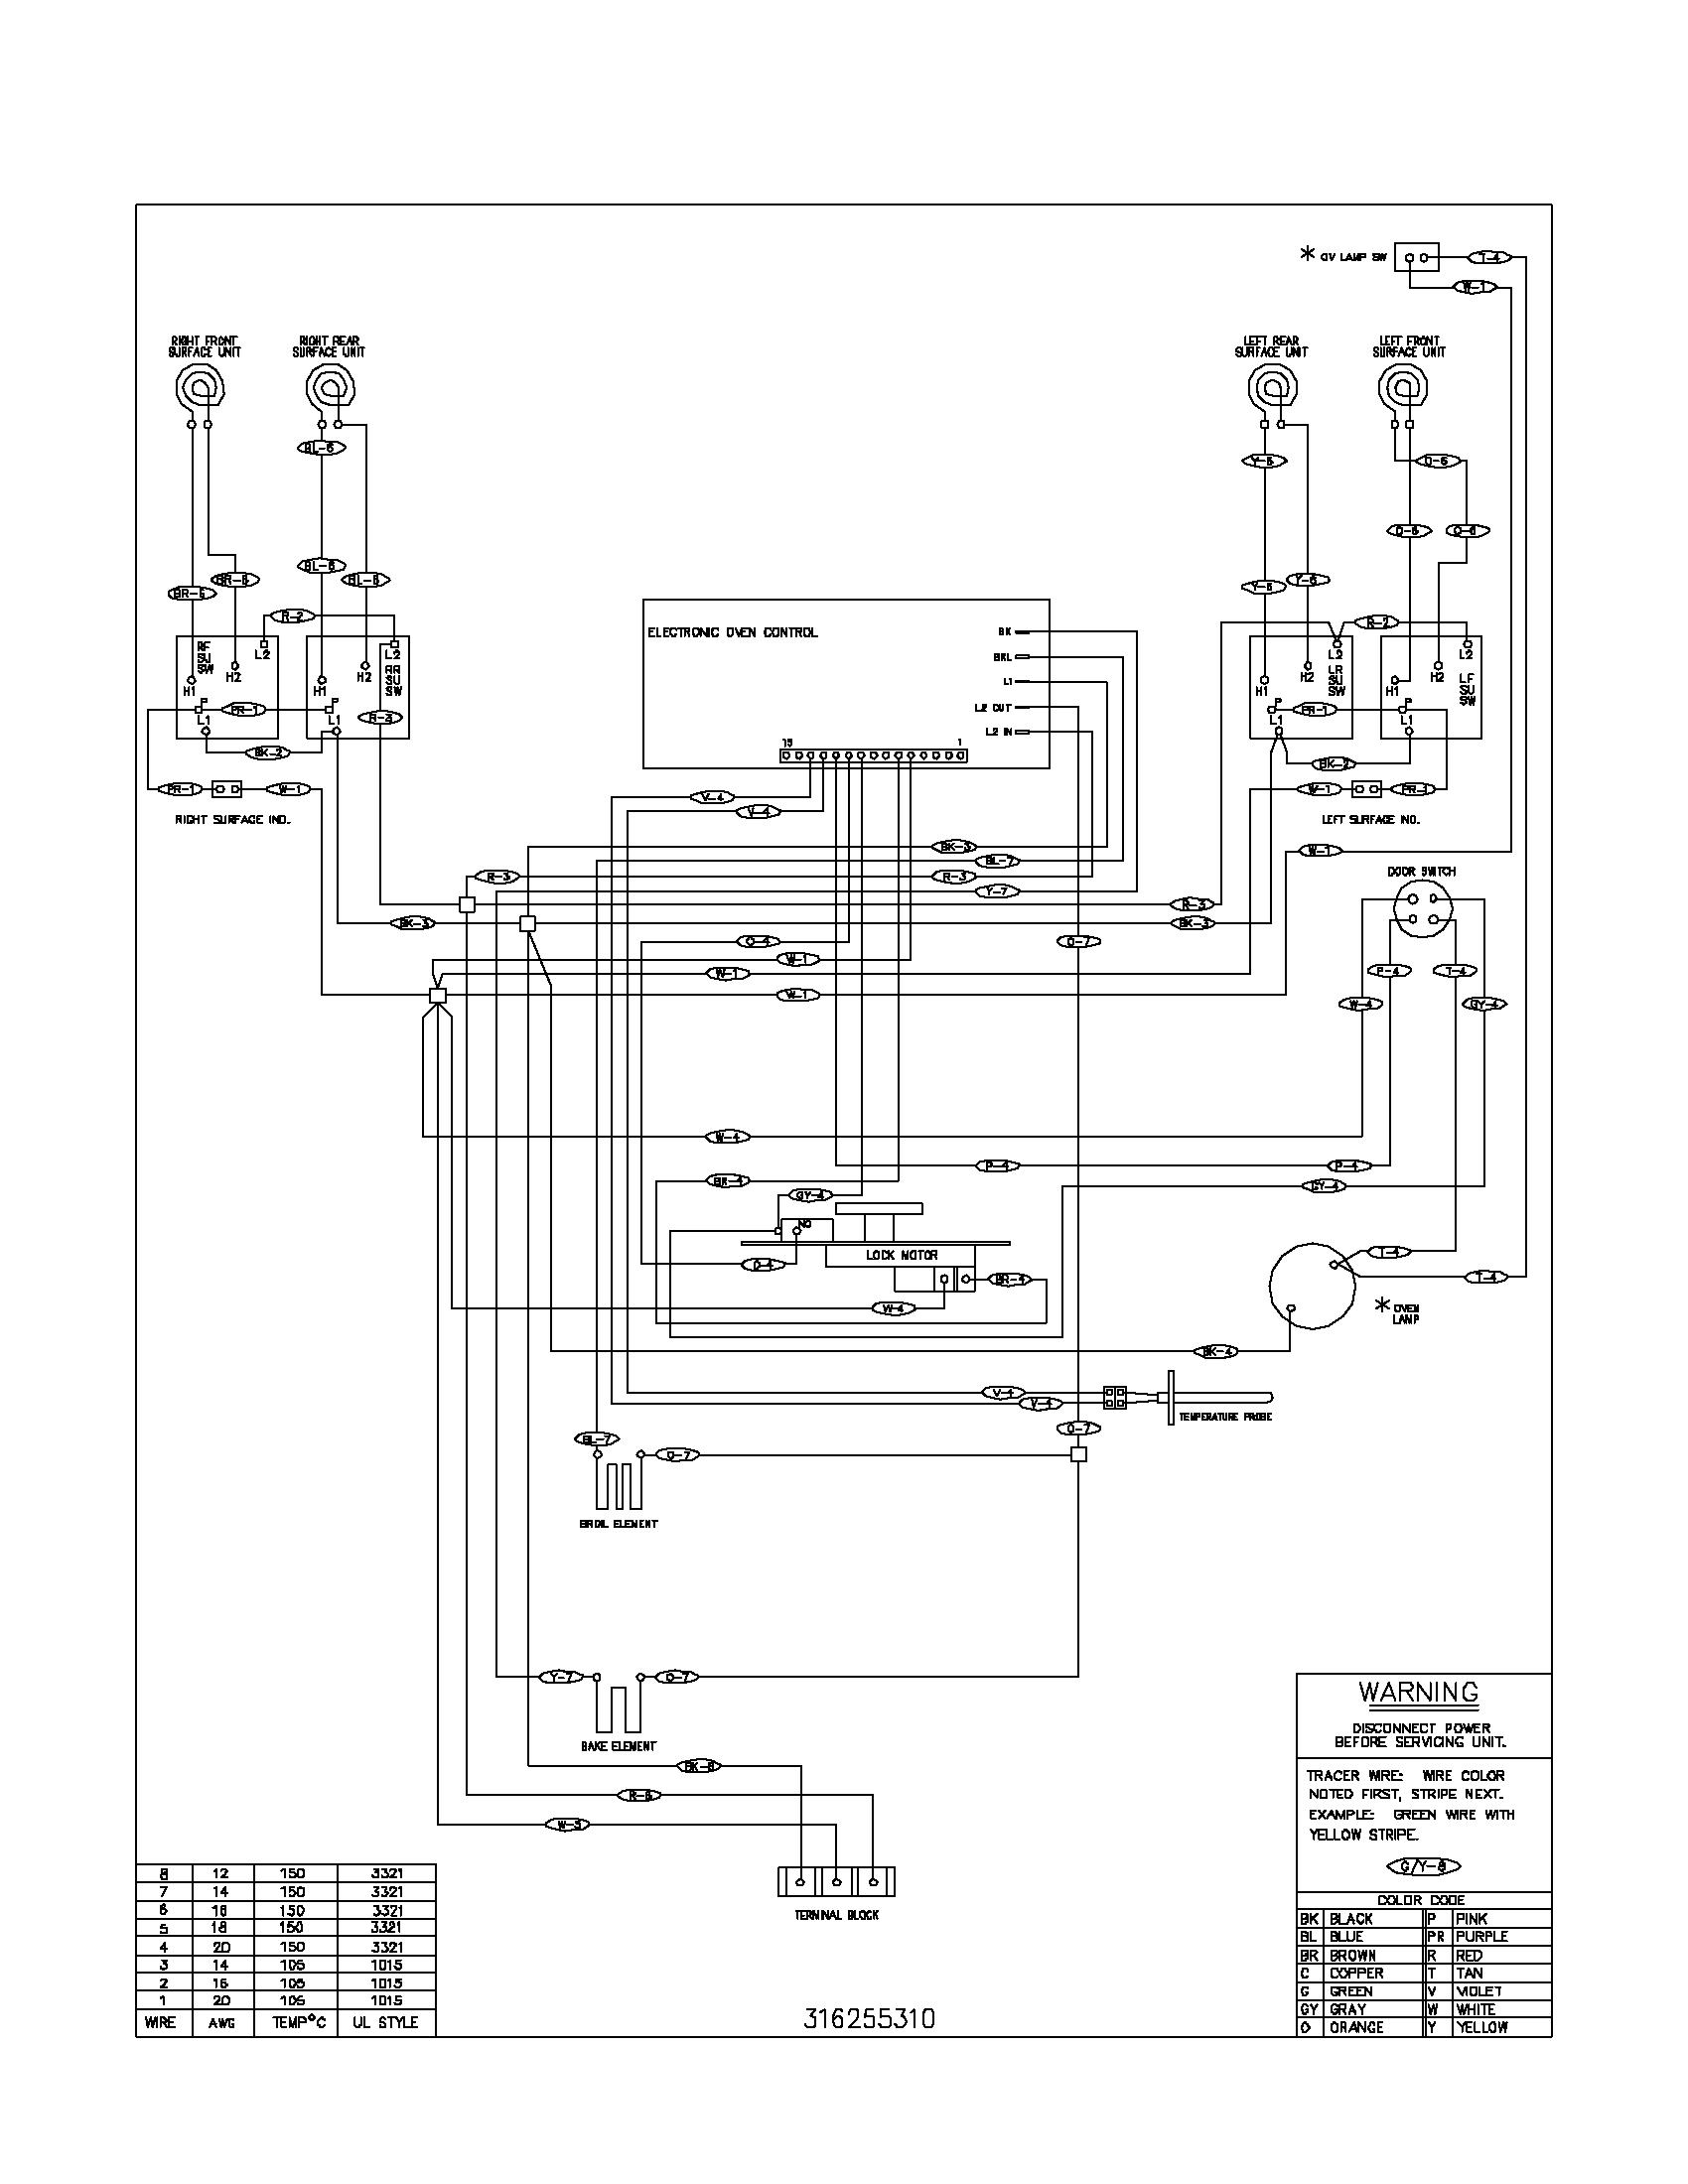 ge range ra620 wiring diagram - wire harness diagram 5 wire moped for wiring  diagram schematics  wiring diagram schematics